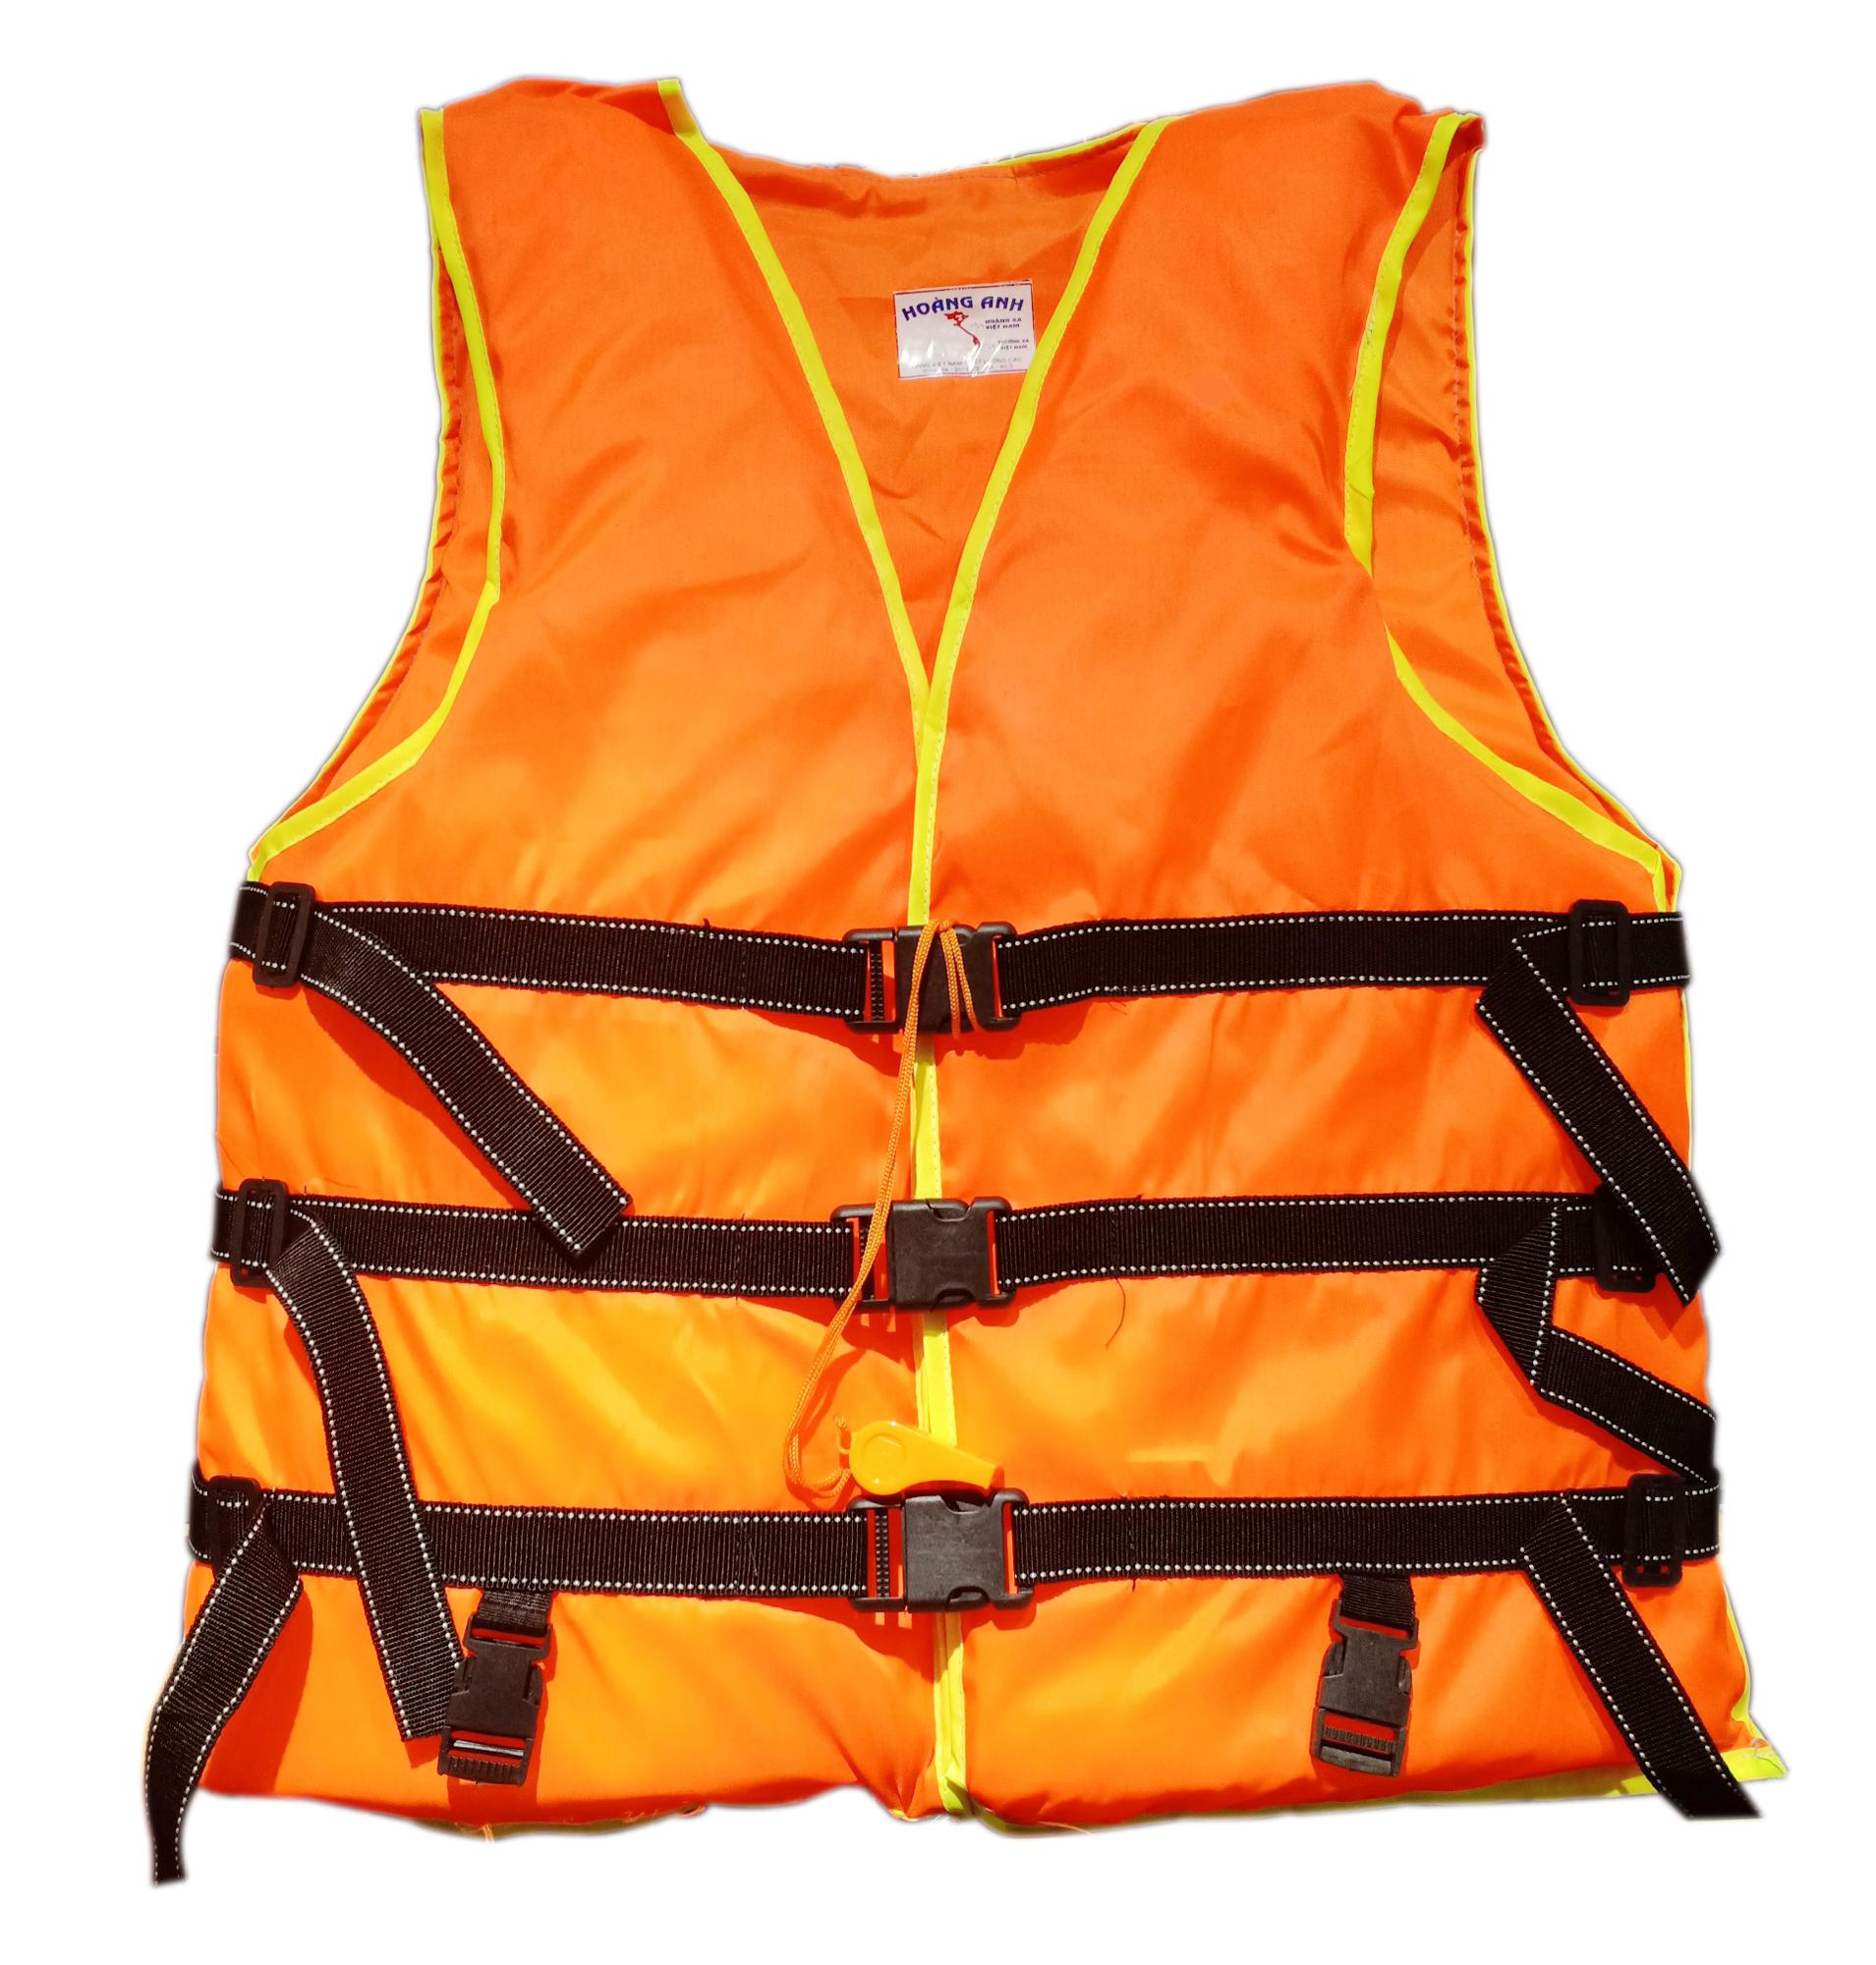 Hình ảnh Áo phao cứu hộ size số 5 dành cho trẻ em từ 12 đến 16 tuổi   áo phao cứu hộ   áo phao bơi   áo phao bơi cứu hộ   áo phao bơi người lớn   áo phao cứu sinh   áo phao bơi dành cho trẻ em